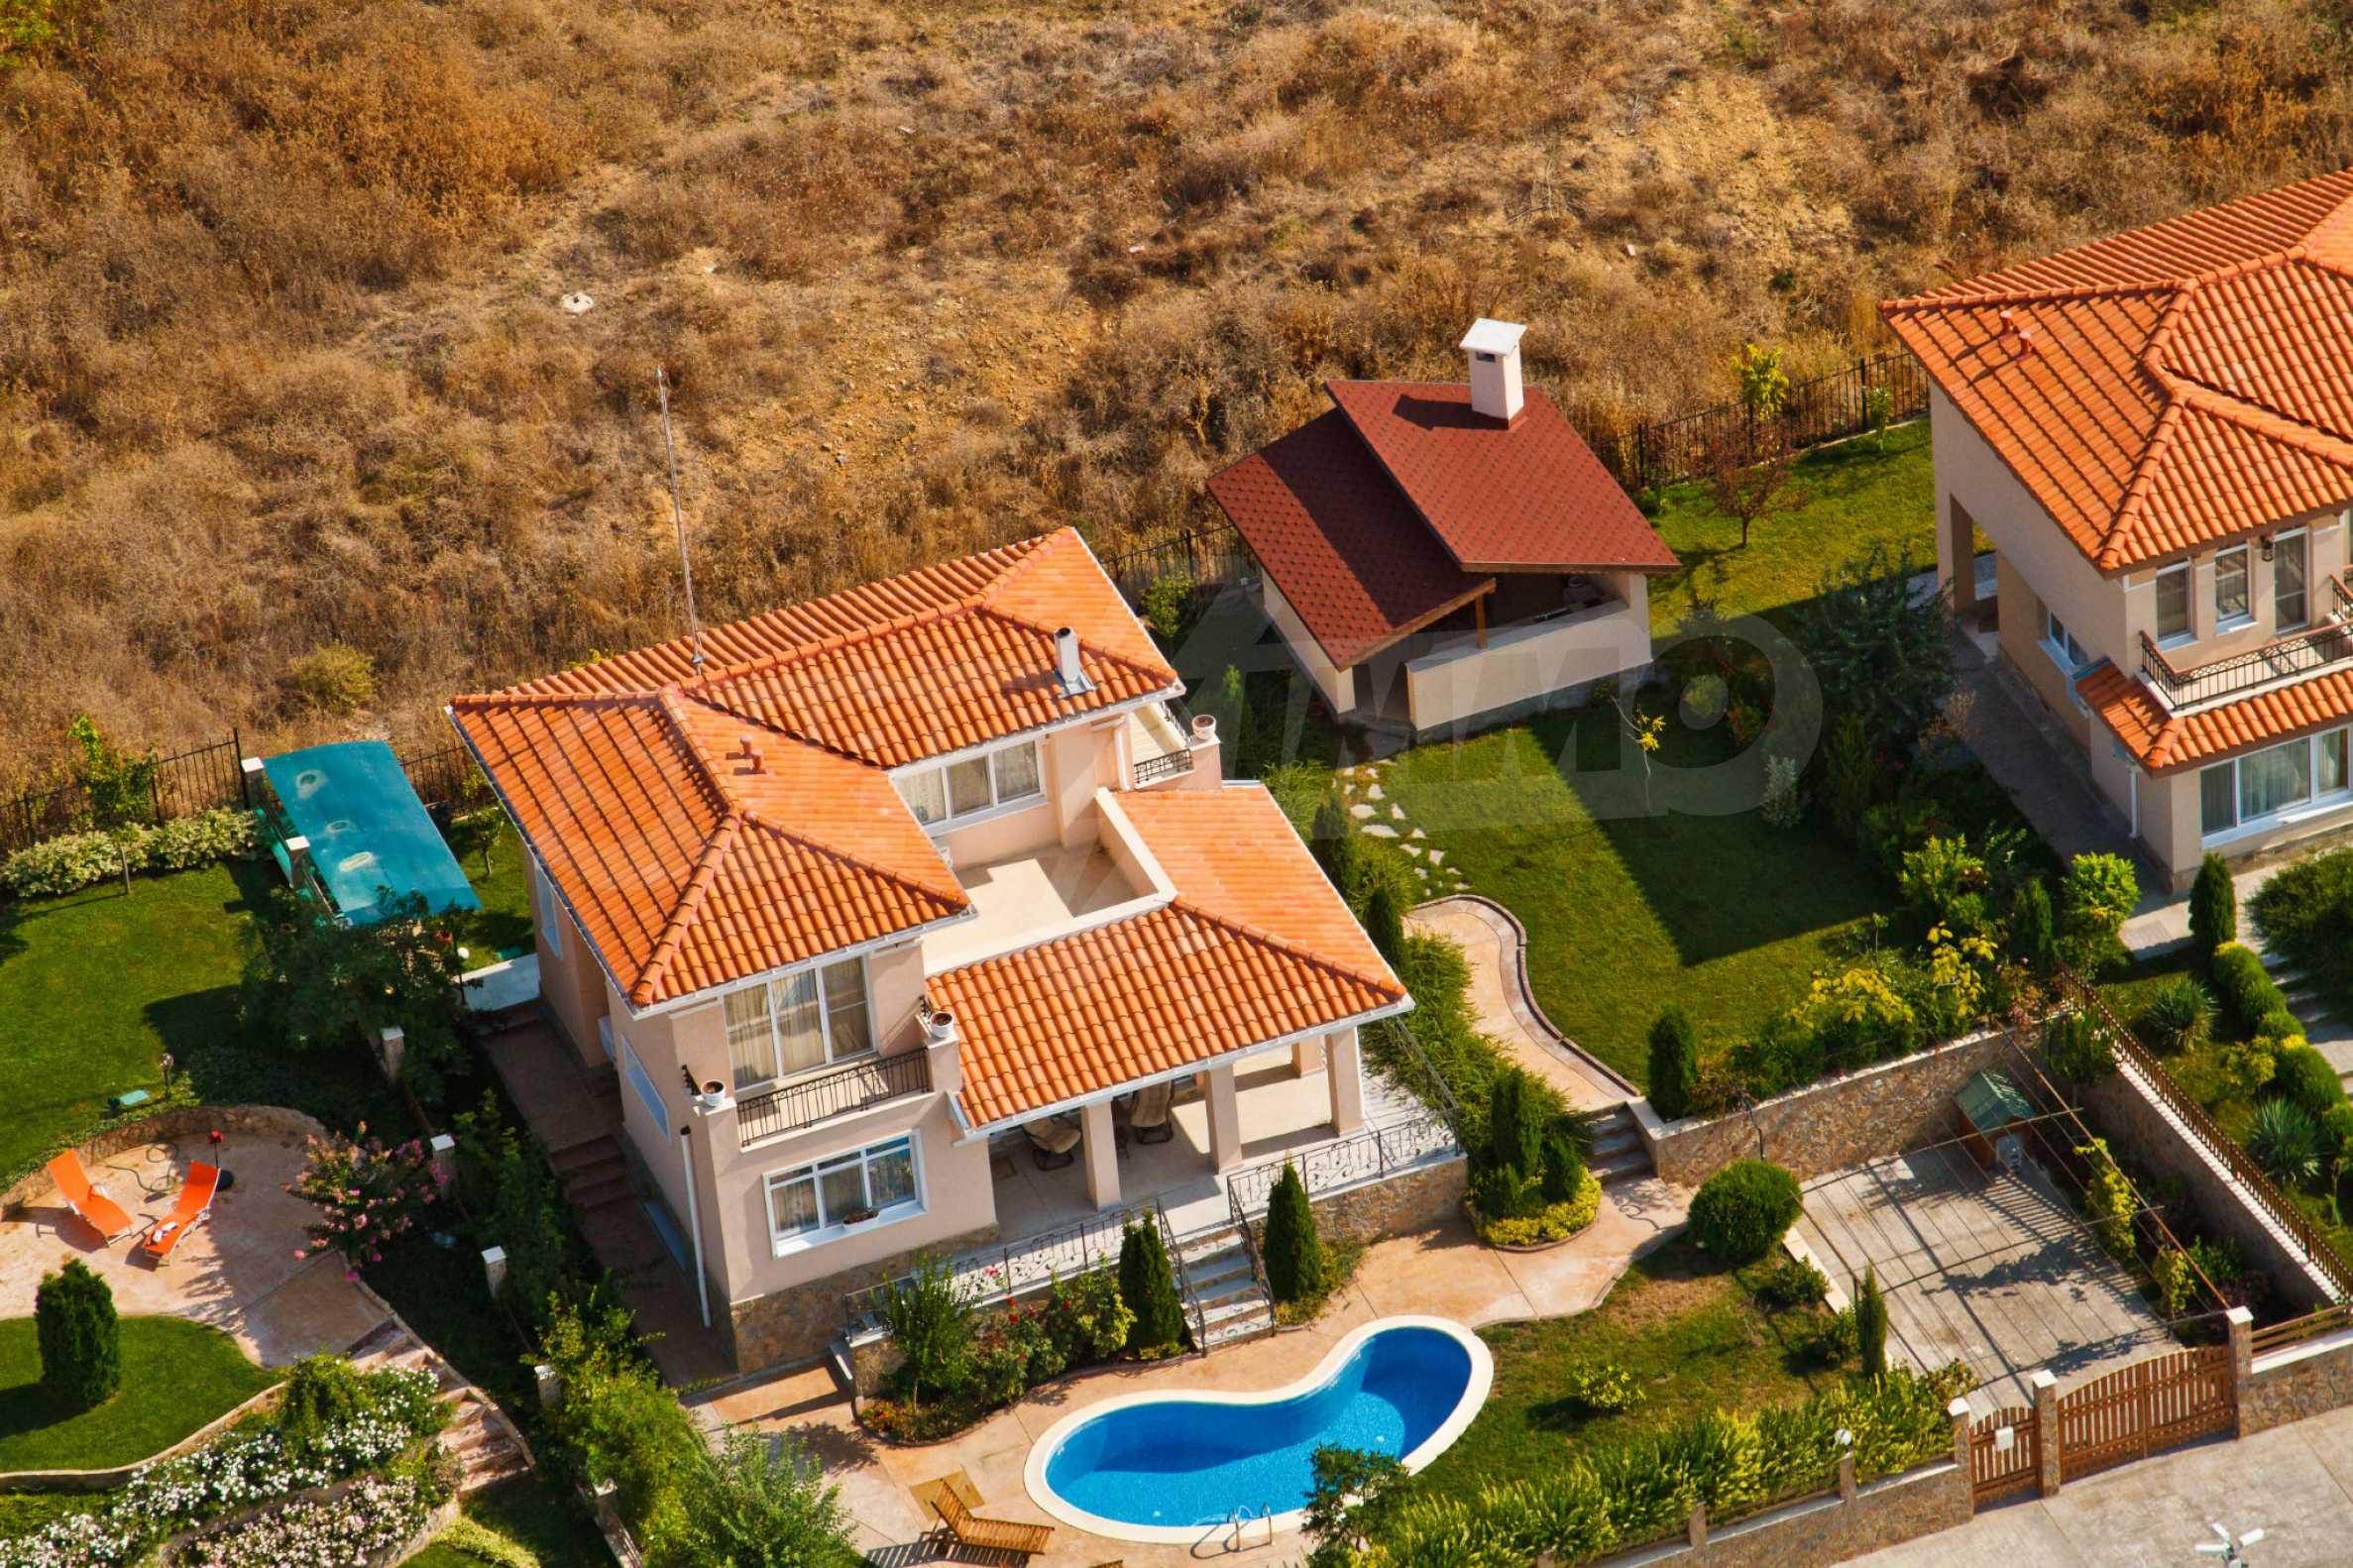 Erschlossene Grundstücke in der luxuriösen Villa-Siedlung SUNSET VILLAS 12